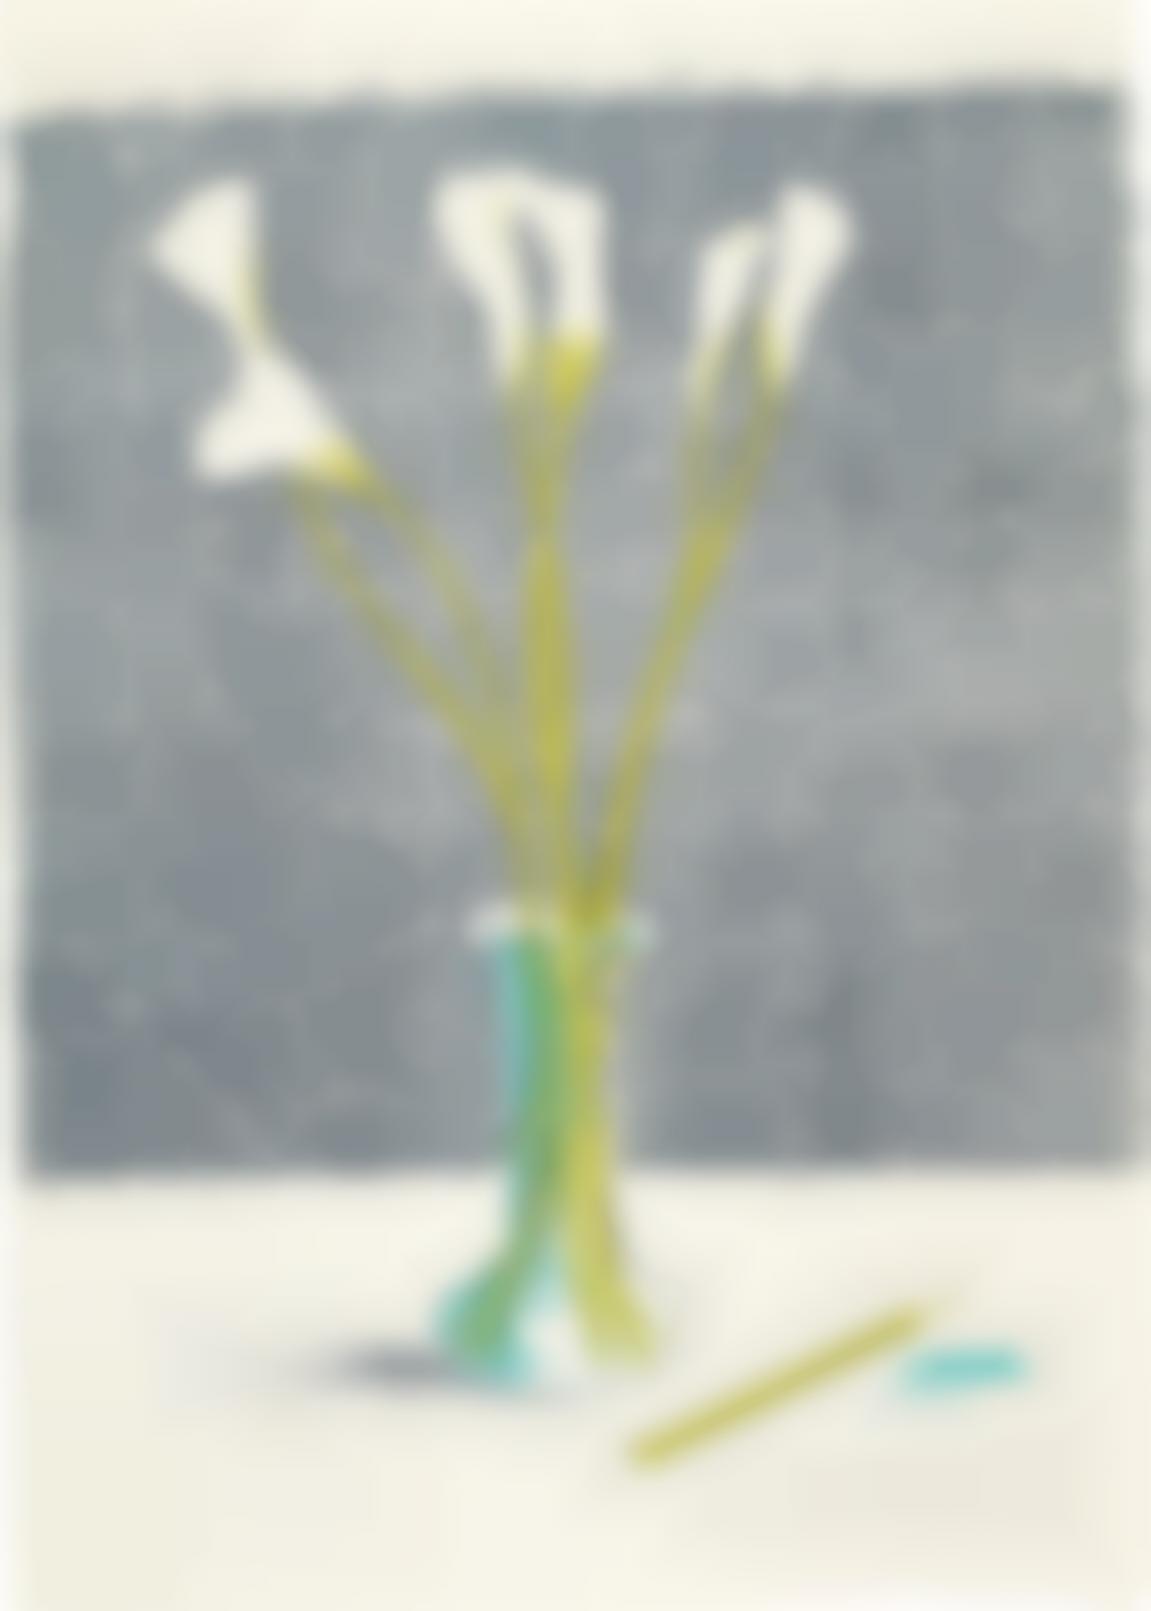 David Hockney-Lillies, From Europaische Graphik No VII-1971